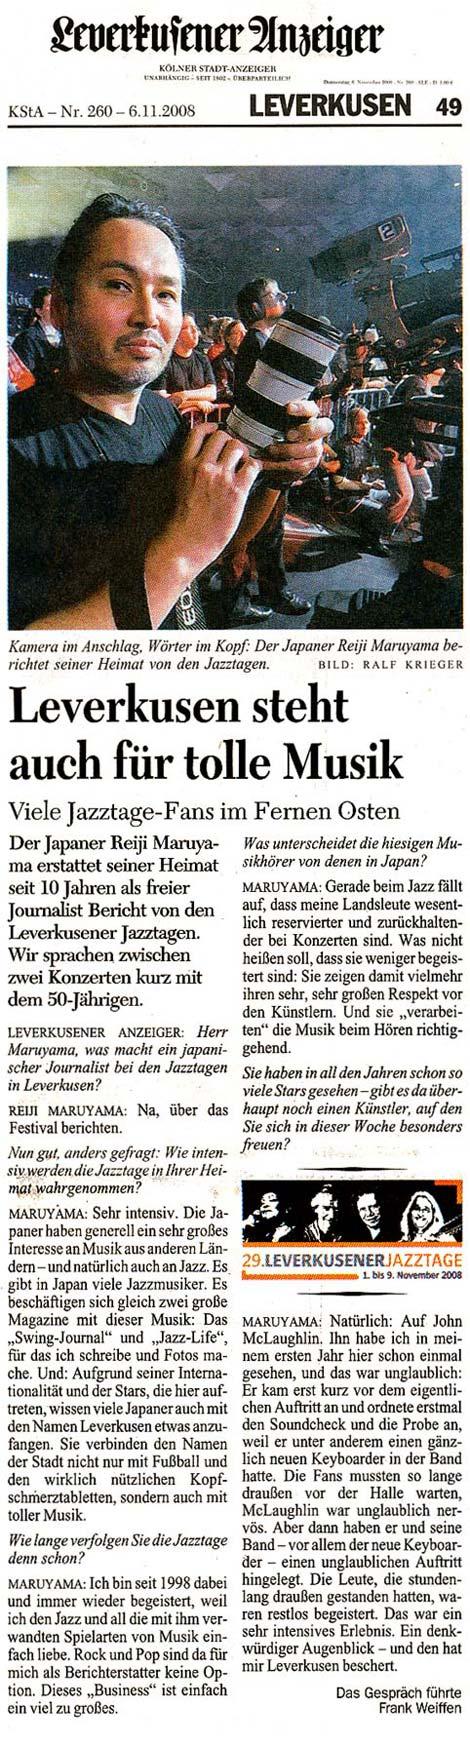 Presse Artikel Leverkusen